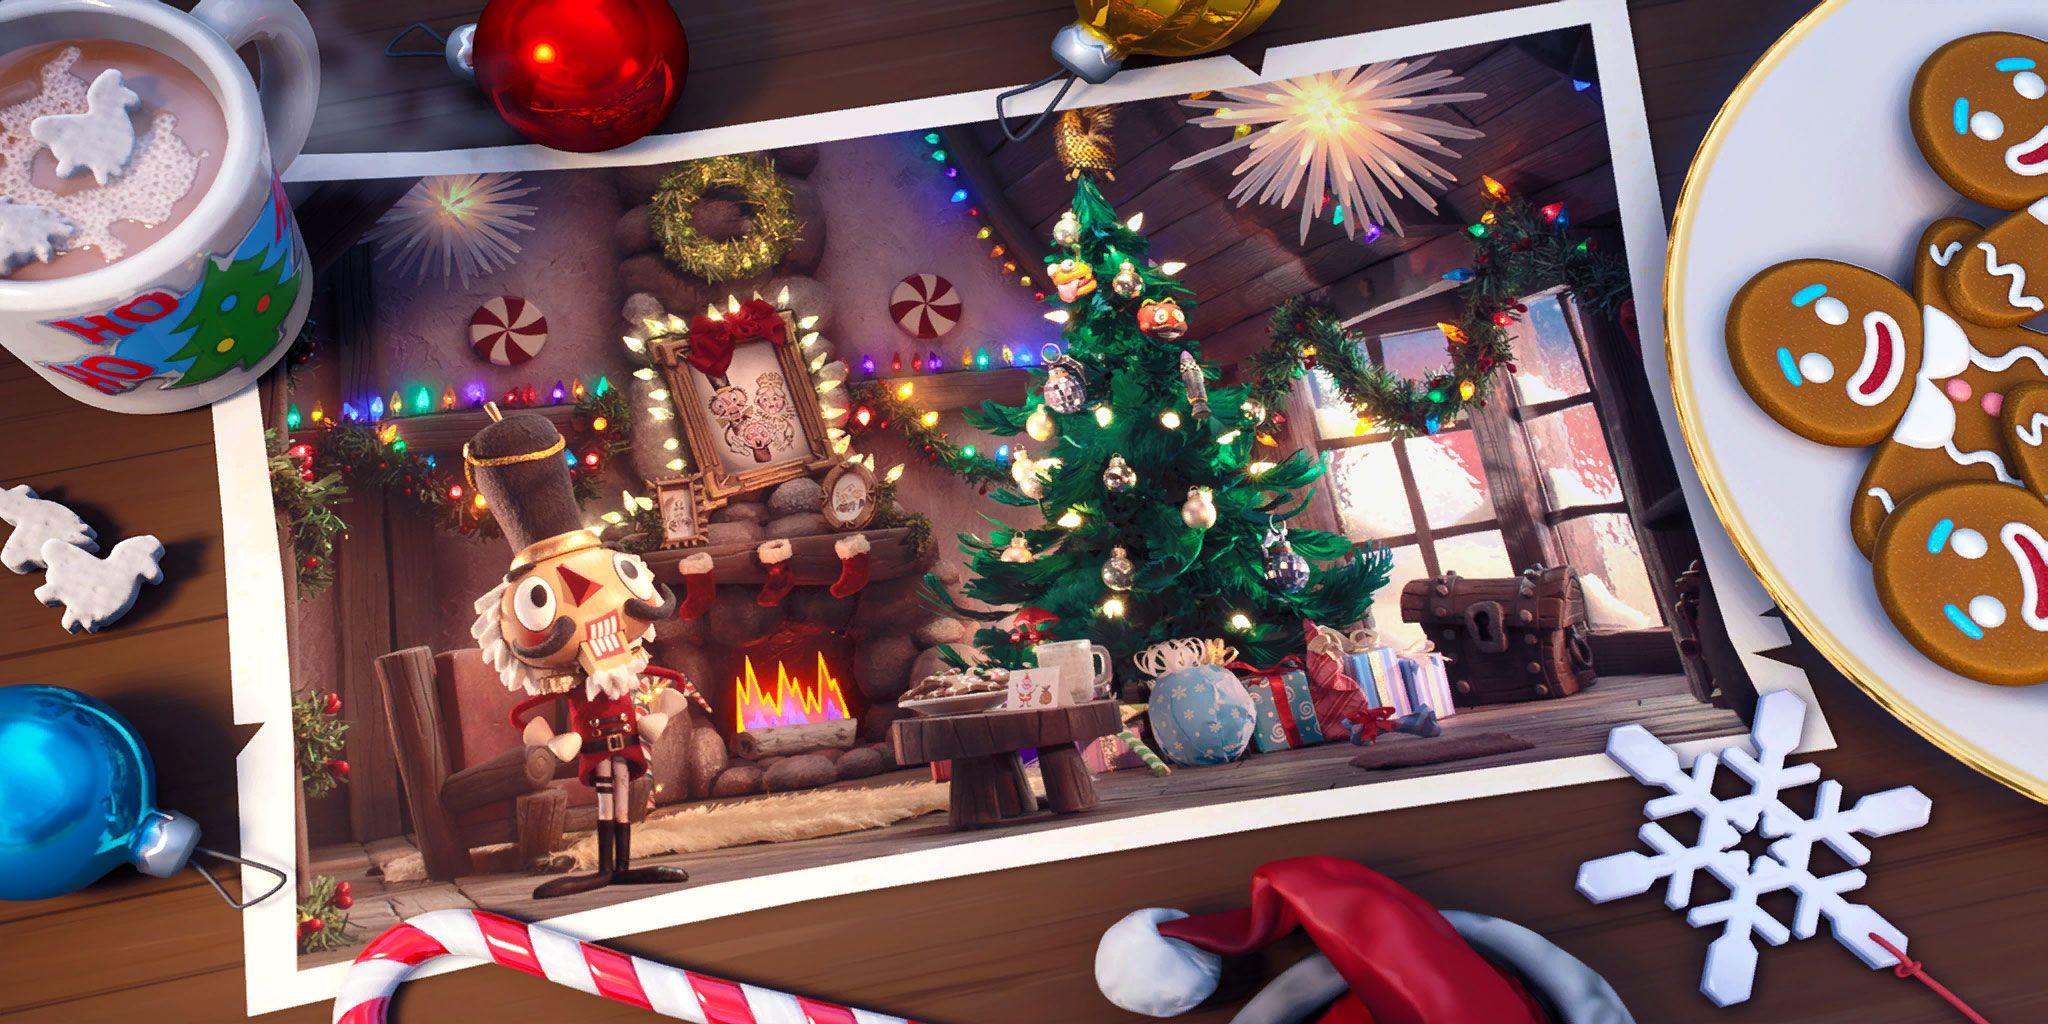 Fortnite Loading Screen Wallpaper In 2020 Christmas Wallpaper Gaming Wallpapers Wallpaper